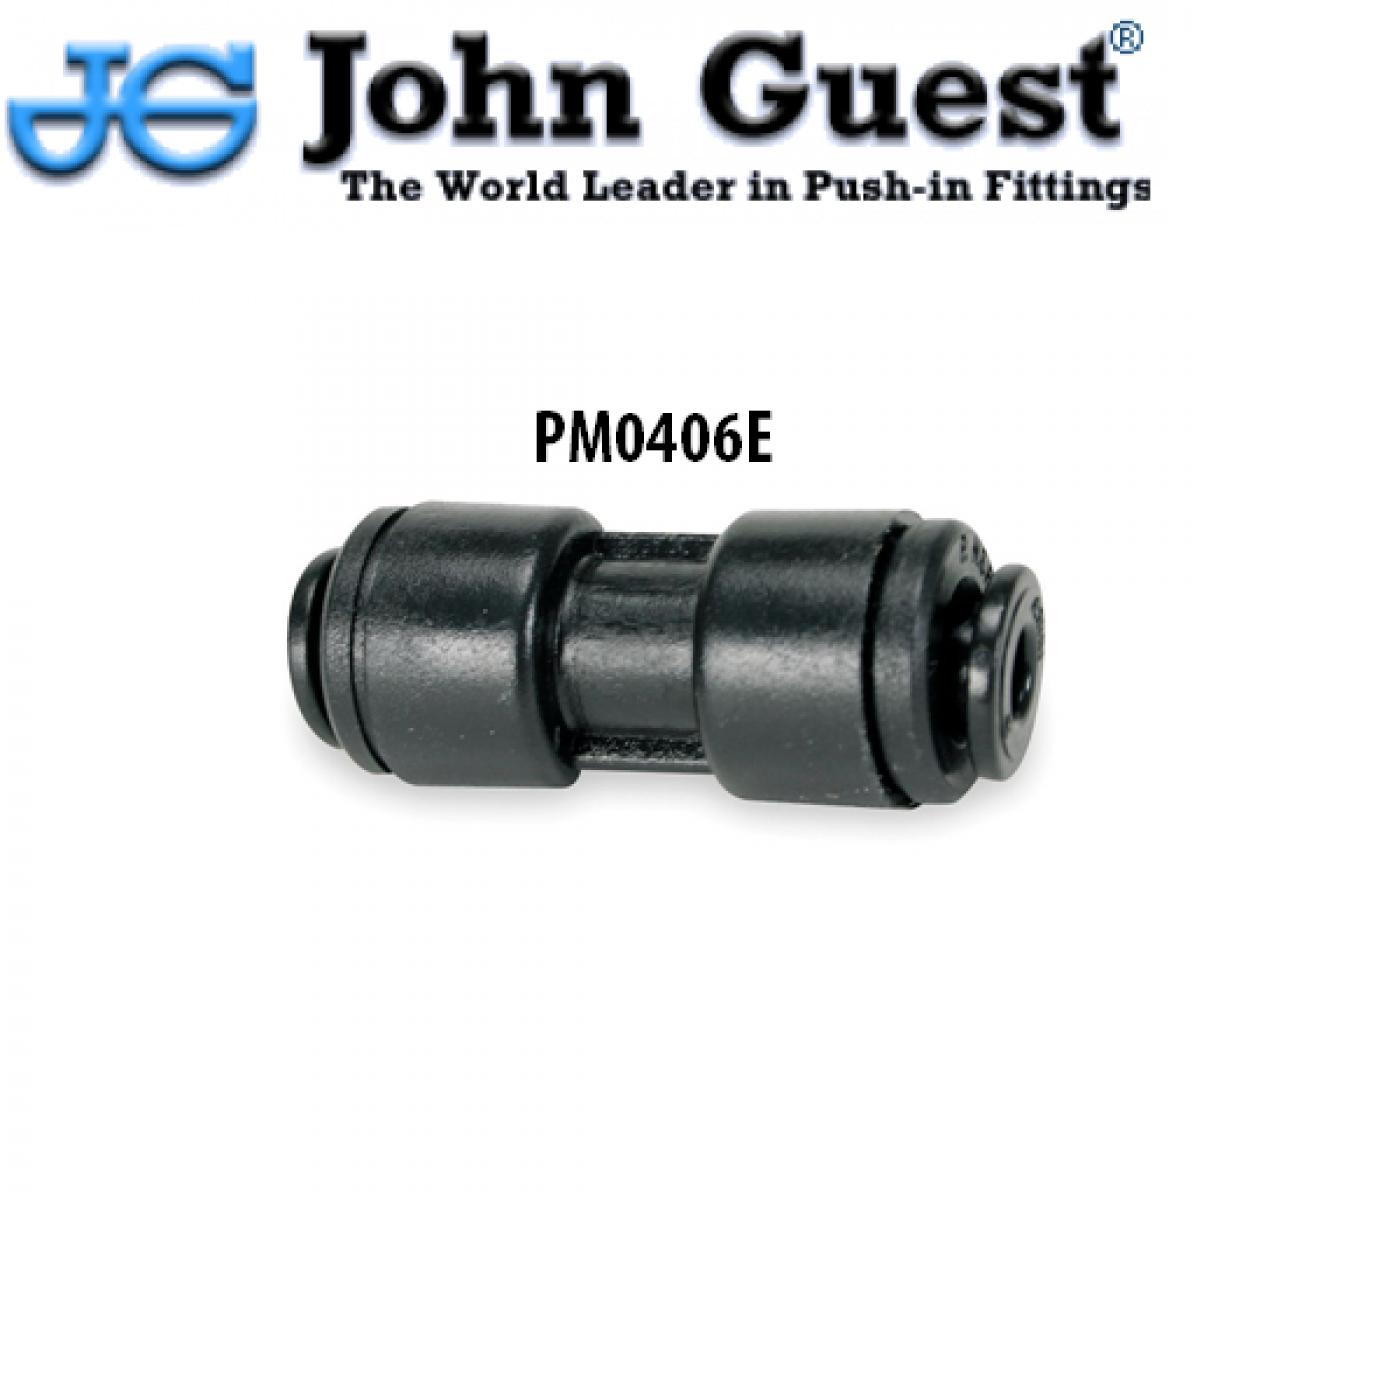 INTERMEDIO DIRITTO PER TUBO DA 6mm X 6 mm JOHN GUEST PM0406E